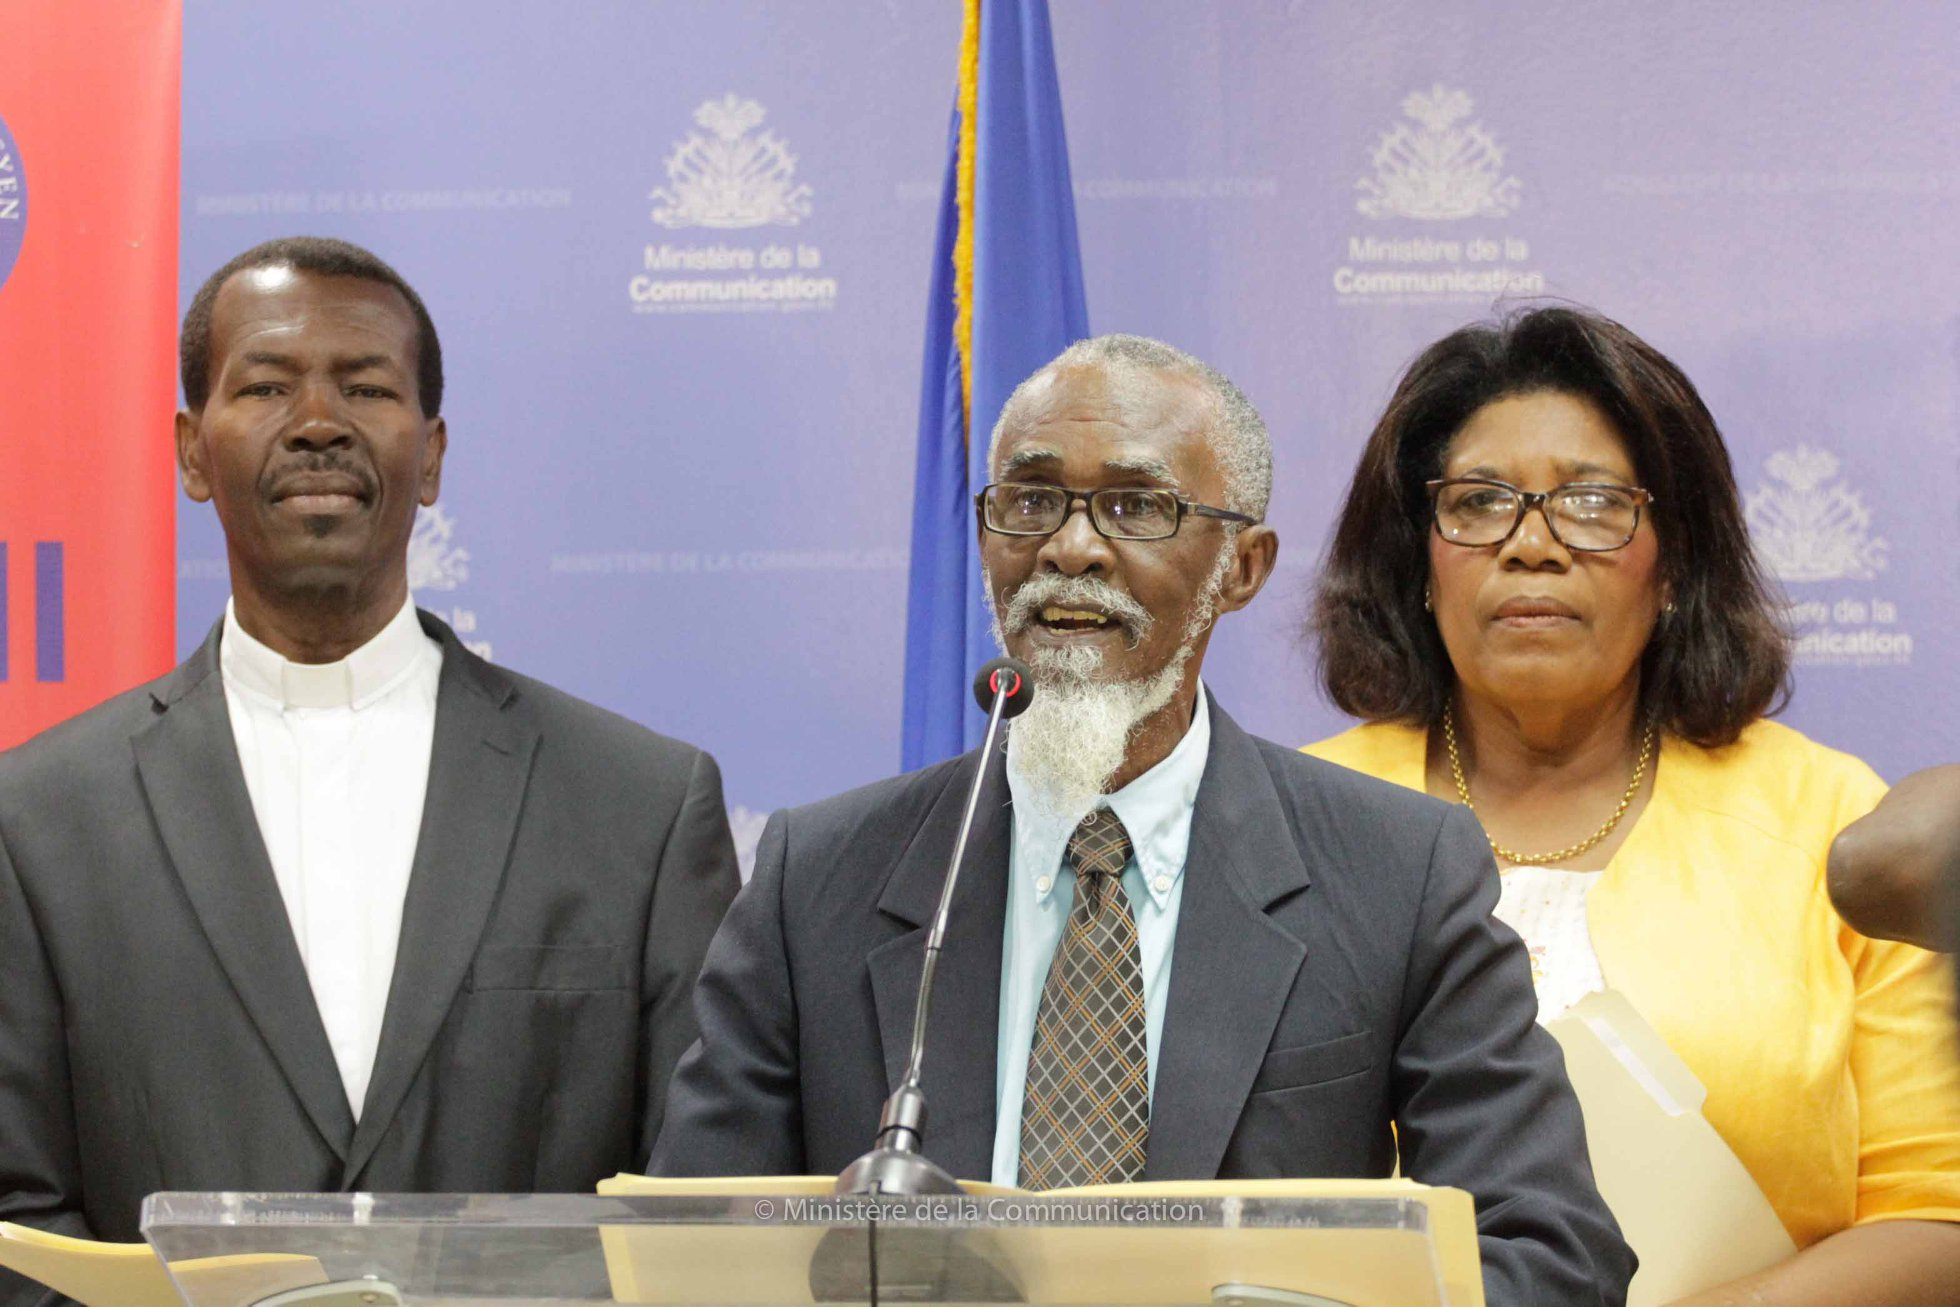 Pauris Jean-Baptiste, président de l'AKA, ainsi que d'autres membres de l'académie, à la 57e conférence des Lundis de la presse organisée ce lundi 1er octobre par le ministère de la Communication./Phot: Ministère de la Communication